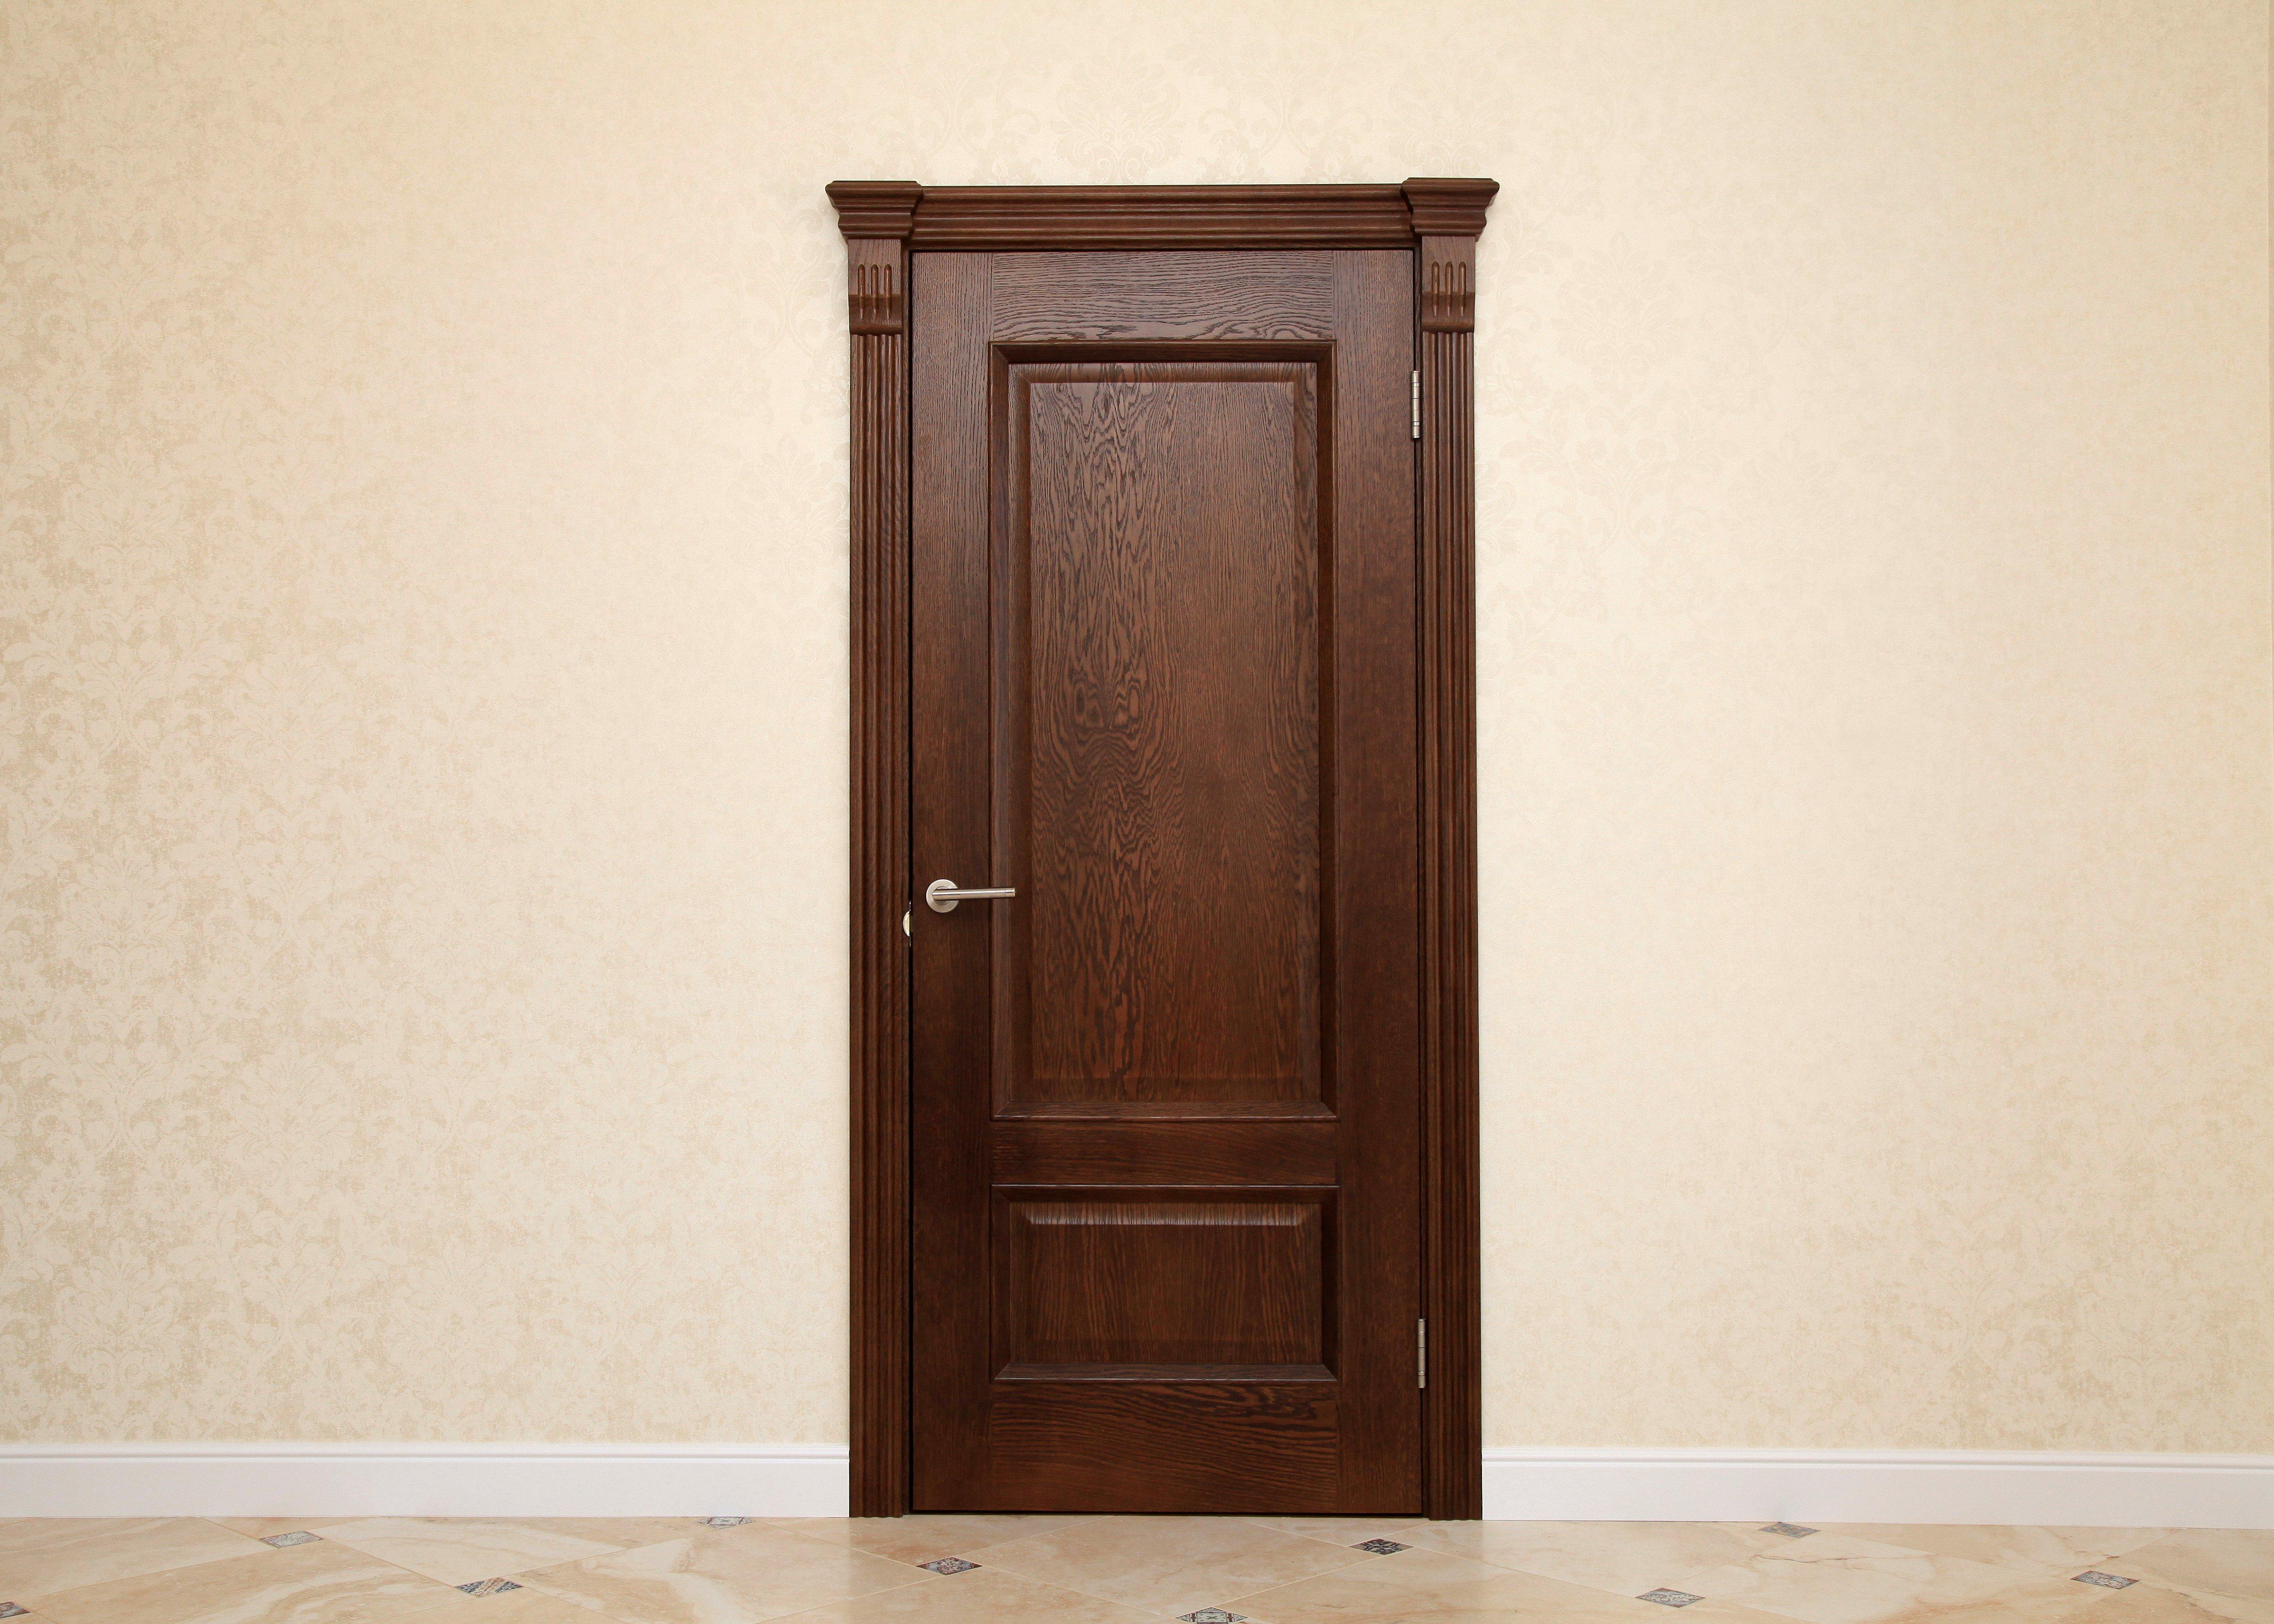 Solid Wood Bedroom Doors Inspirational What is A solid Core Door